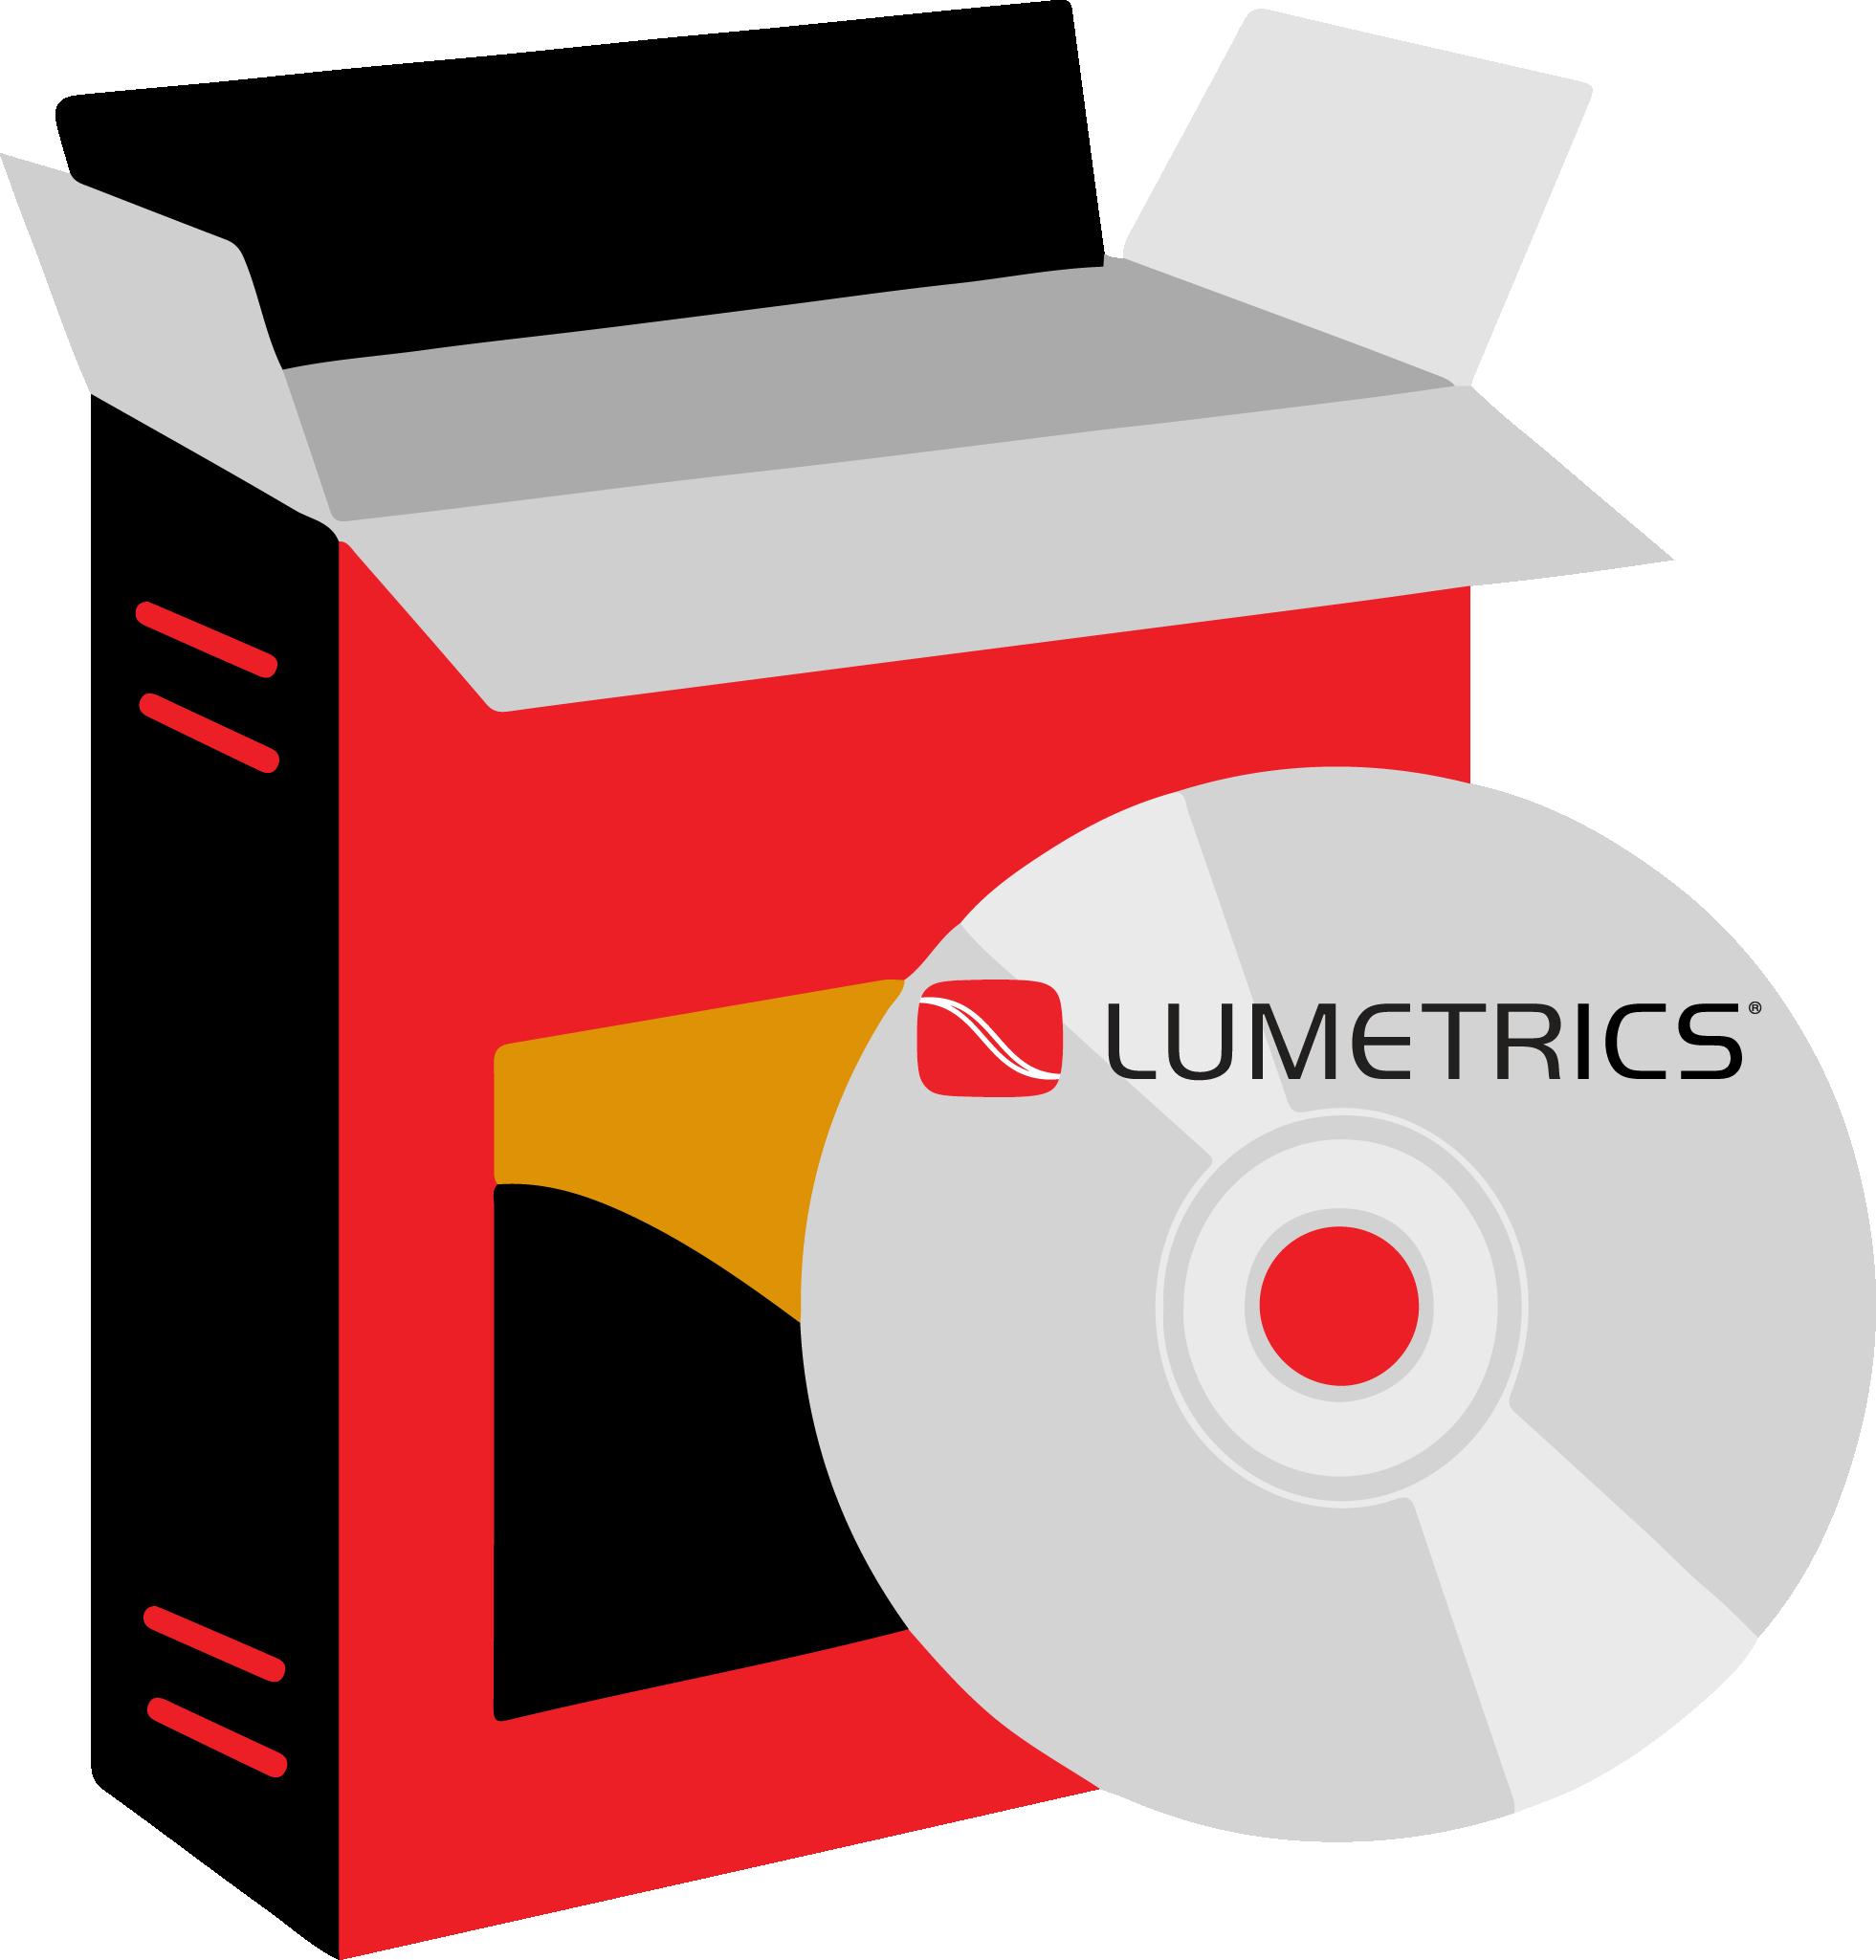 Lumetrics Software Output Comparison